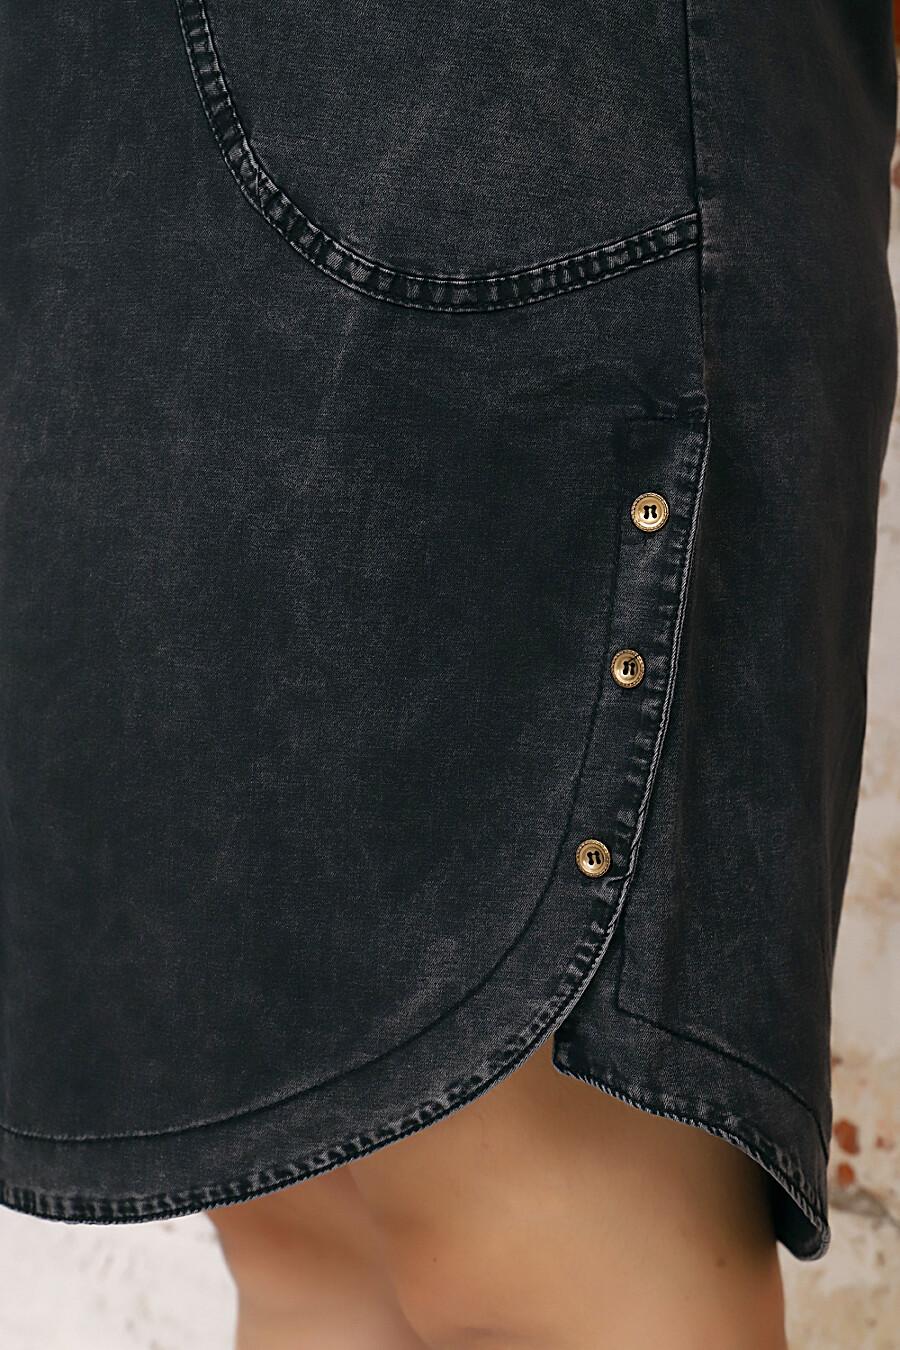 Платье 6878 для женщин НАТАЛИ 649622 купить оптом от производителя. Совместная покупка женской одежды в OptMoyo